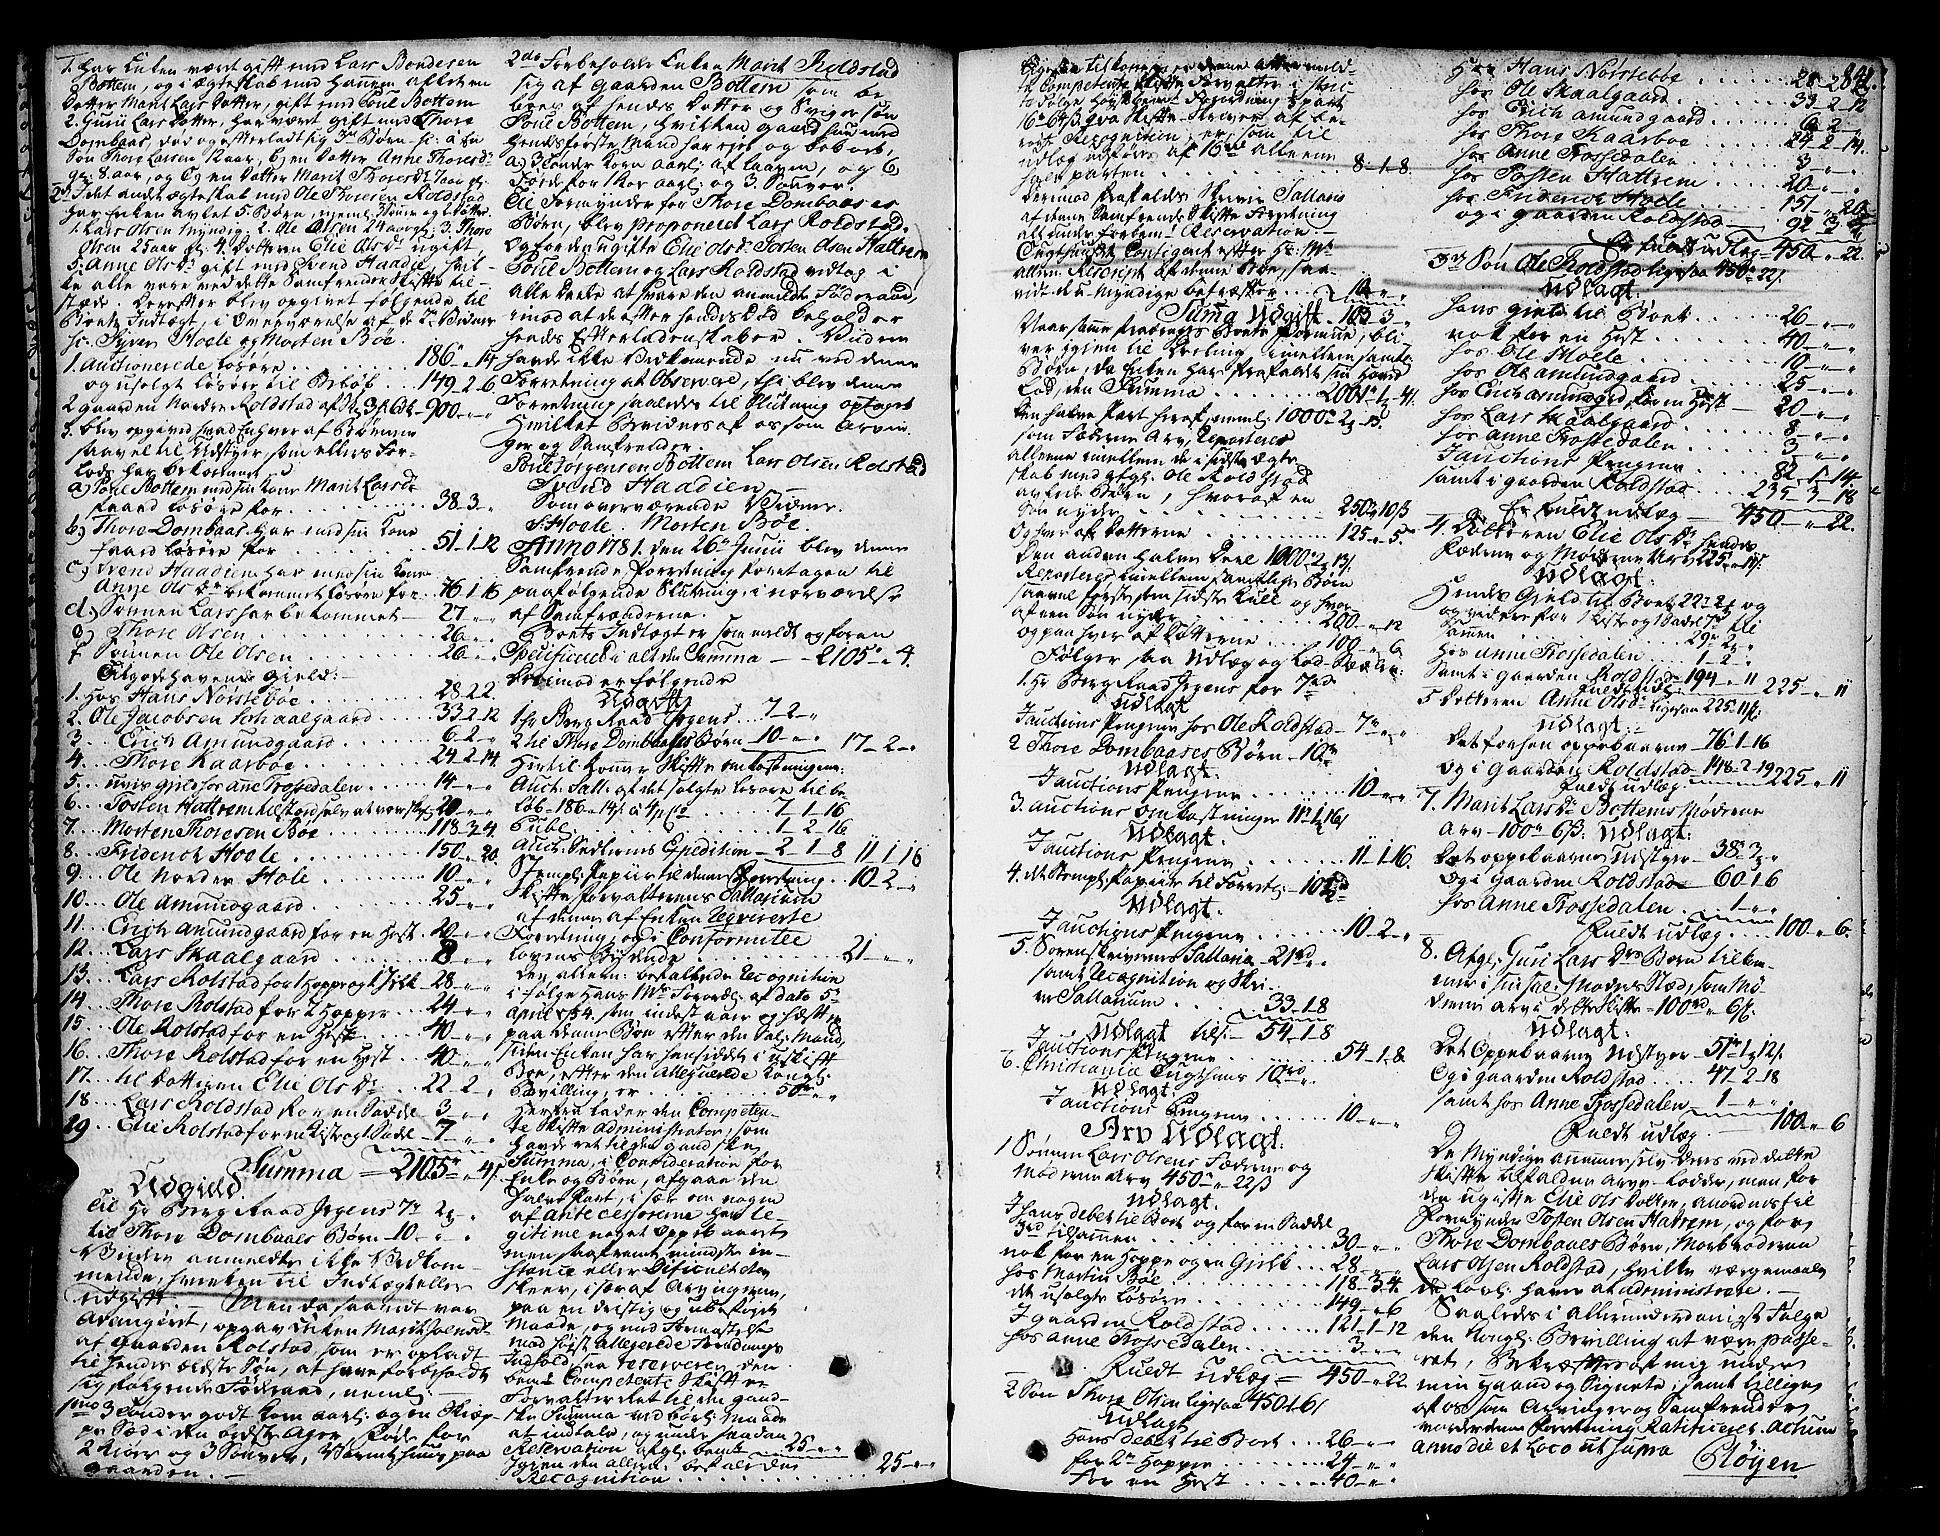 SAH, Nord-Gudbrandsdal tingrett, J/Ja/L0003a: Skifteprotokoll, 1765-1785, s. 841b-842a